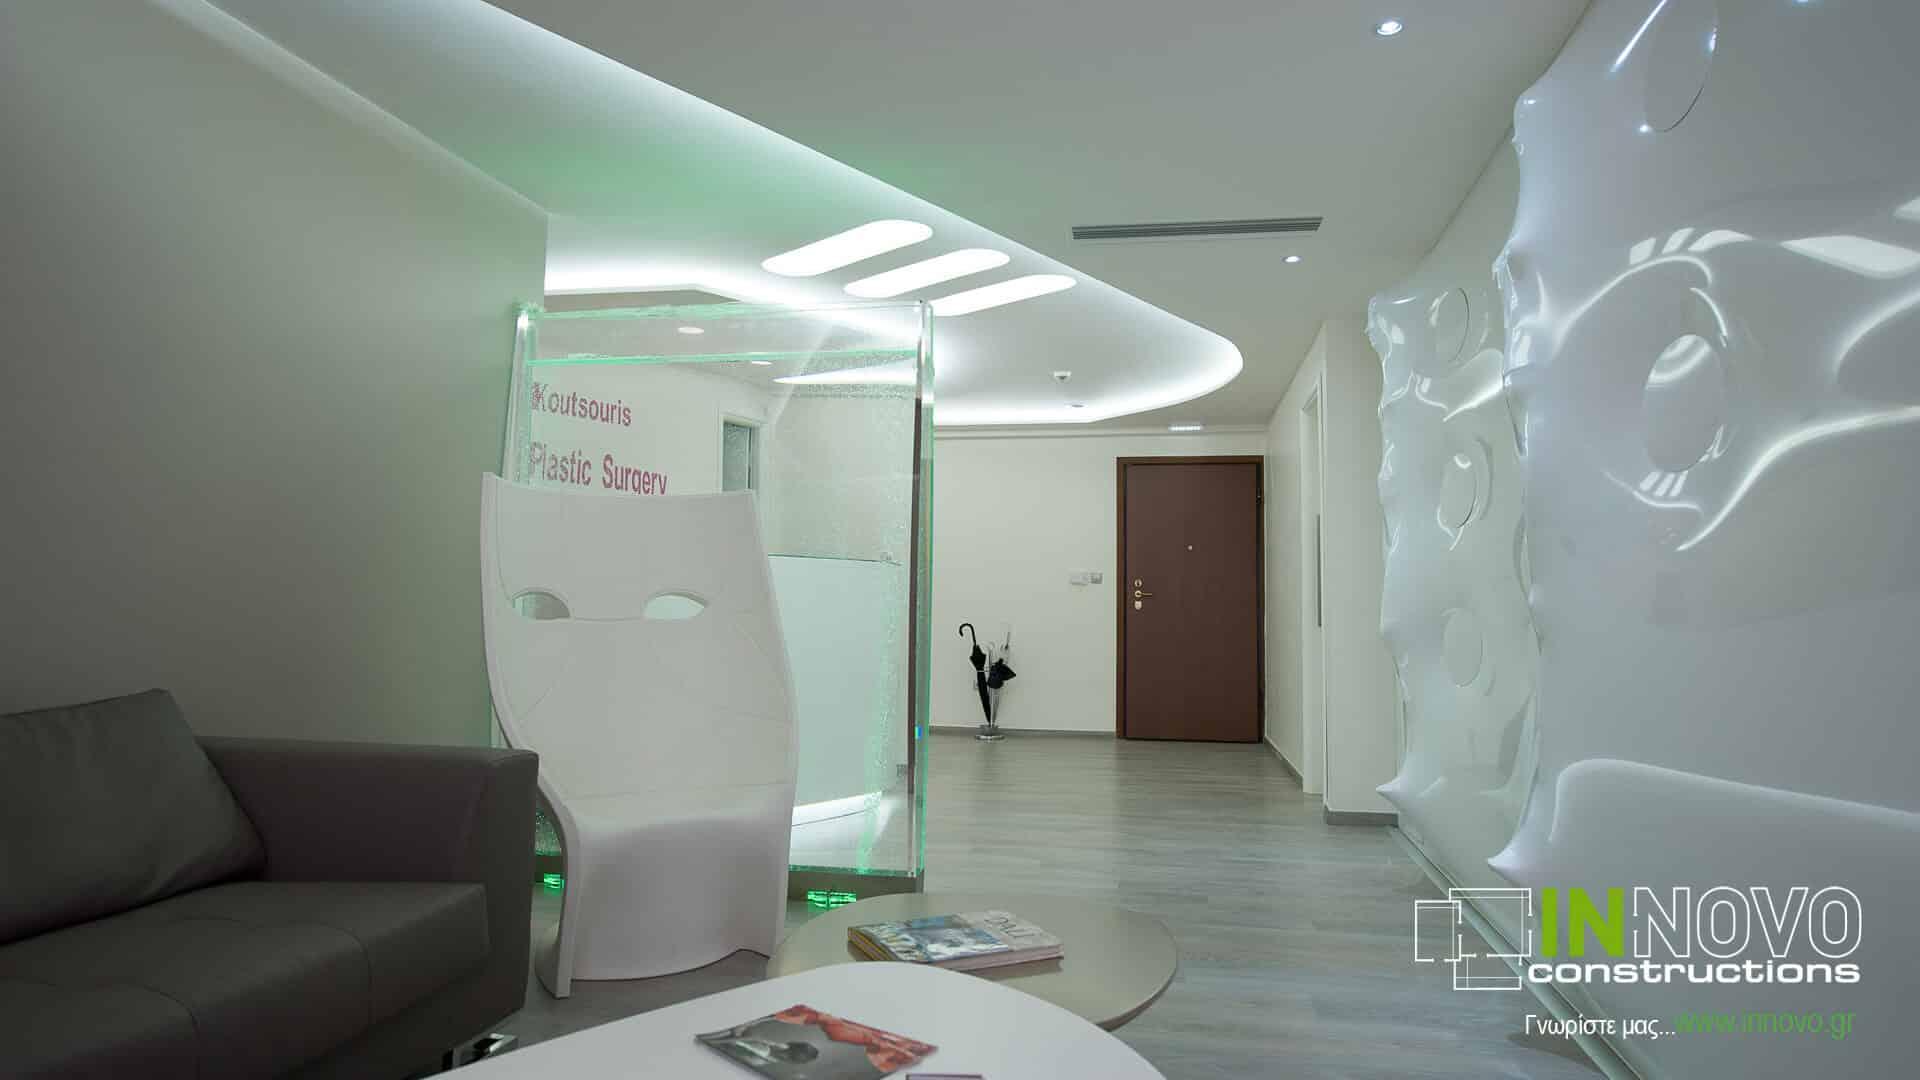 Στην Τρίπολη σχεδιασμός κατασκευής Ιατρείου Πλαστικής Χειρουργικής